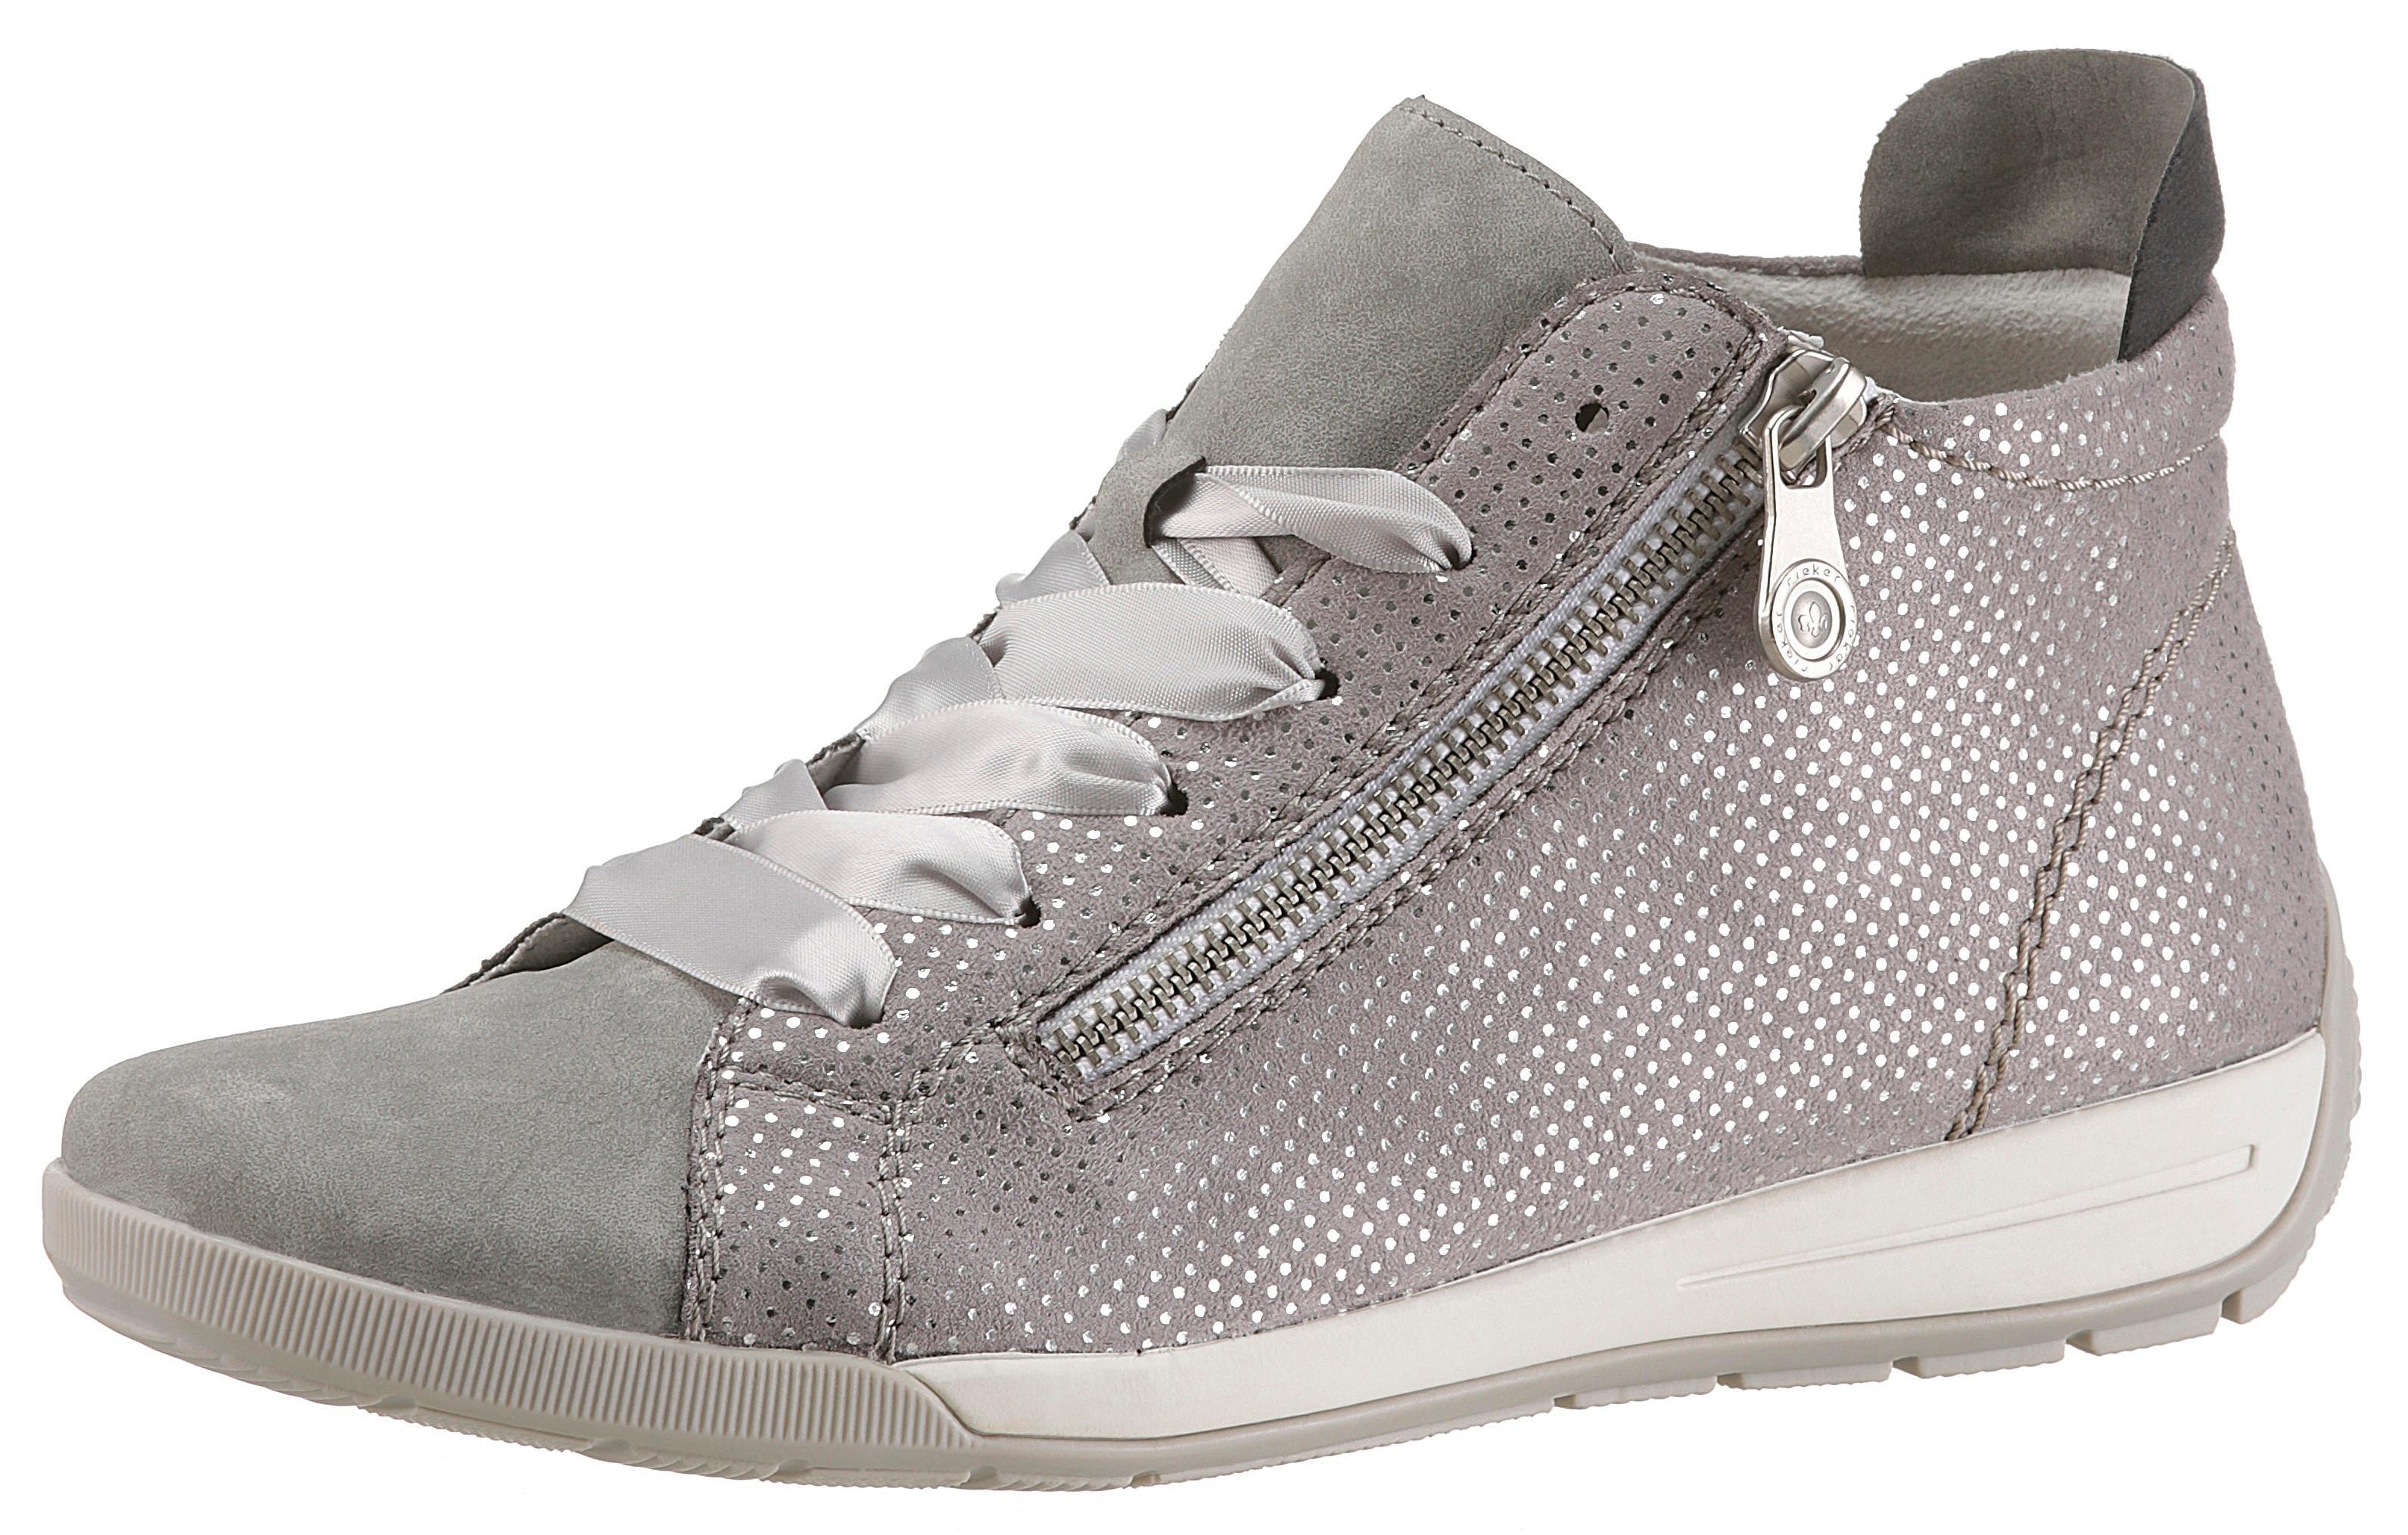 e8bf9cd0a42 ... Vans sneakers »SK8-Hi Vans Patch«, VANS Sneakers SK8-Hi, Mustang Shoes  sneakers, G-Star RAW sneakers met sleehak »Rackam Wedge Sneaker«